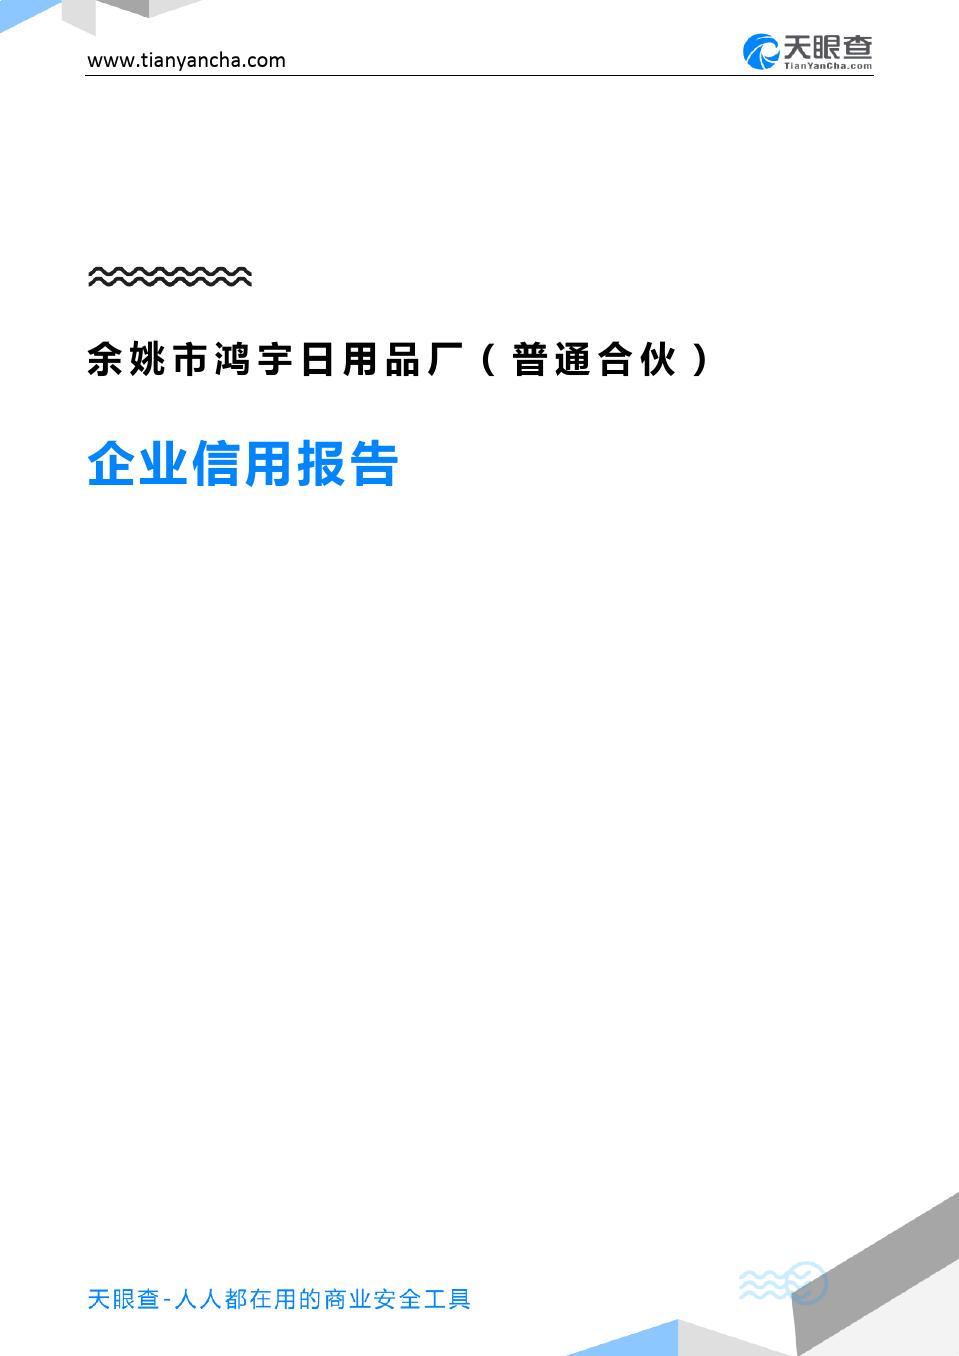 余姚市鸿宇日用品厂(普通合伙)(企业信用报告)- 天眼查